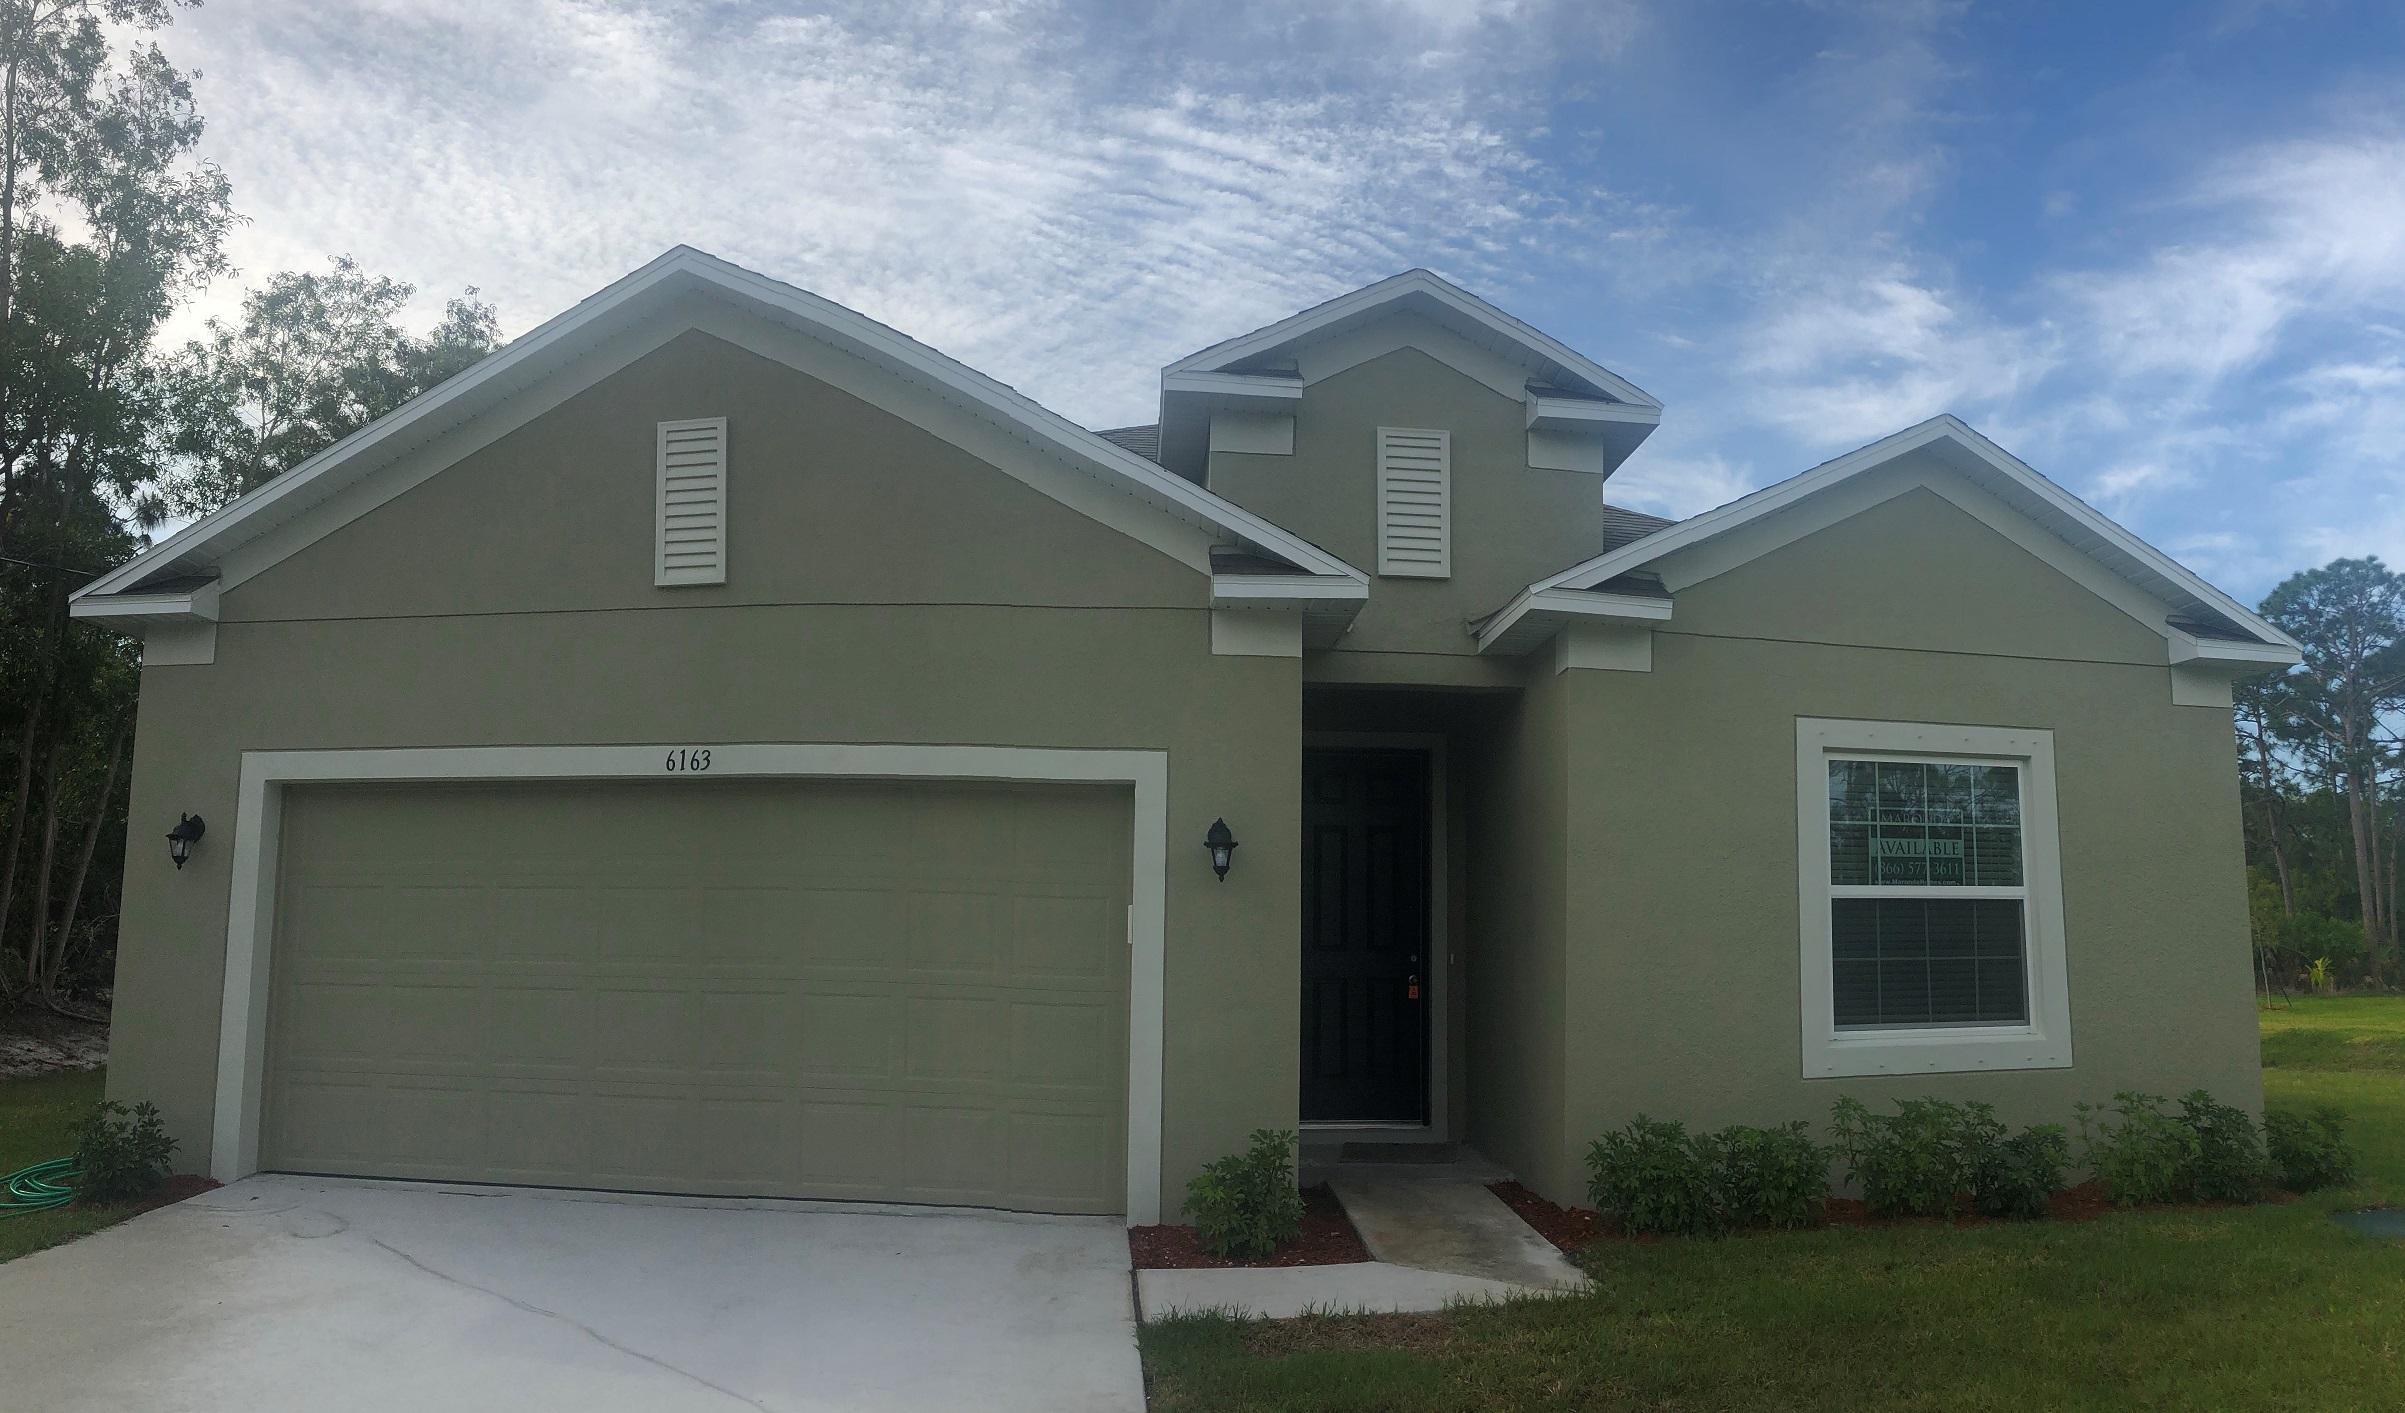 6163 NW East Deville Circle, Port Saint Lucie, Florida